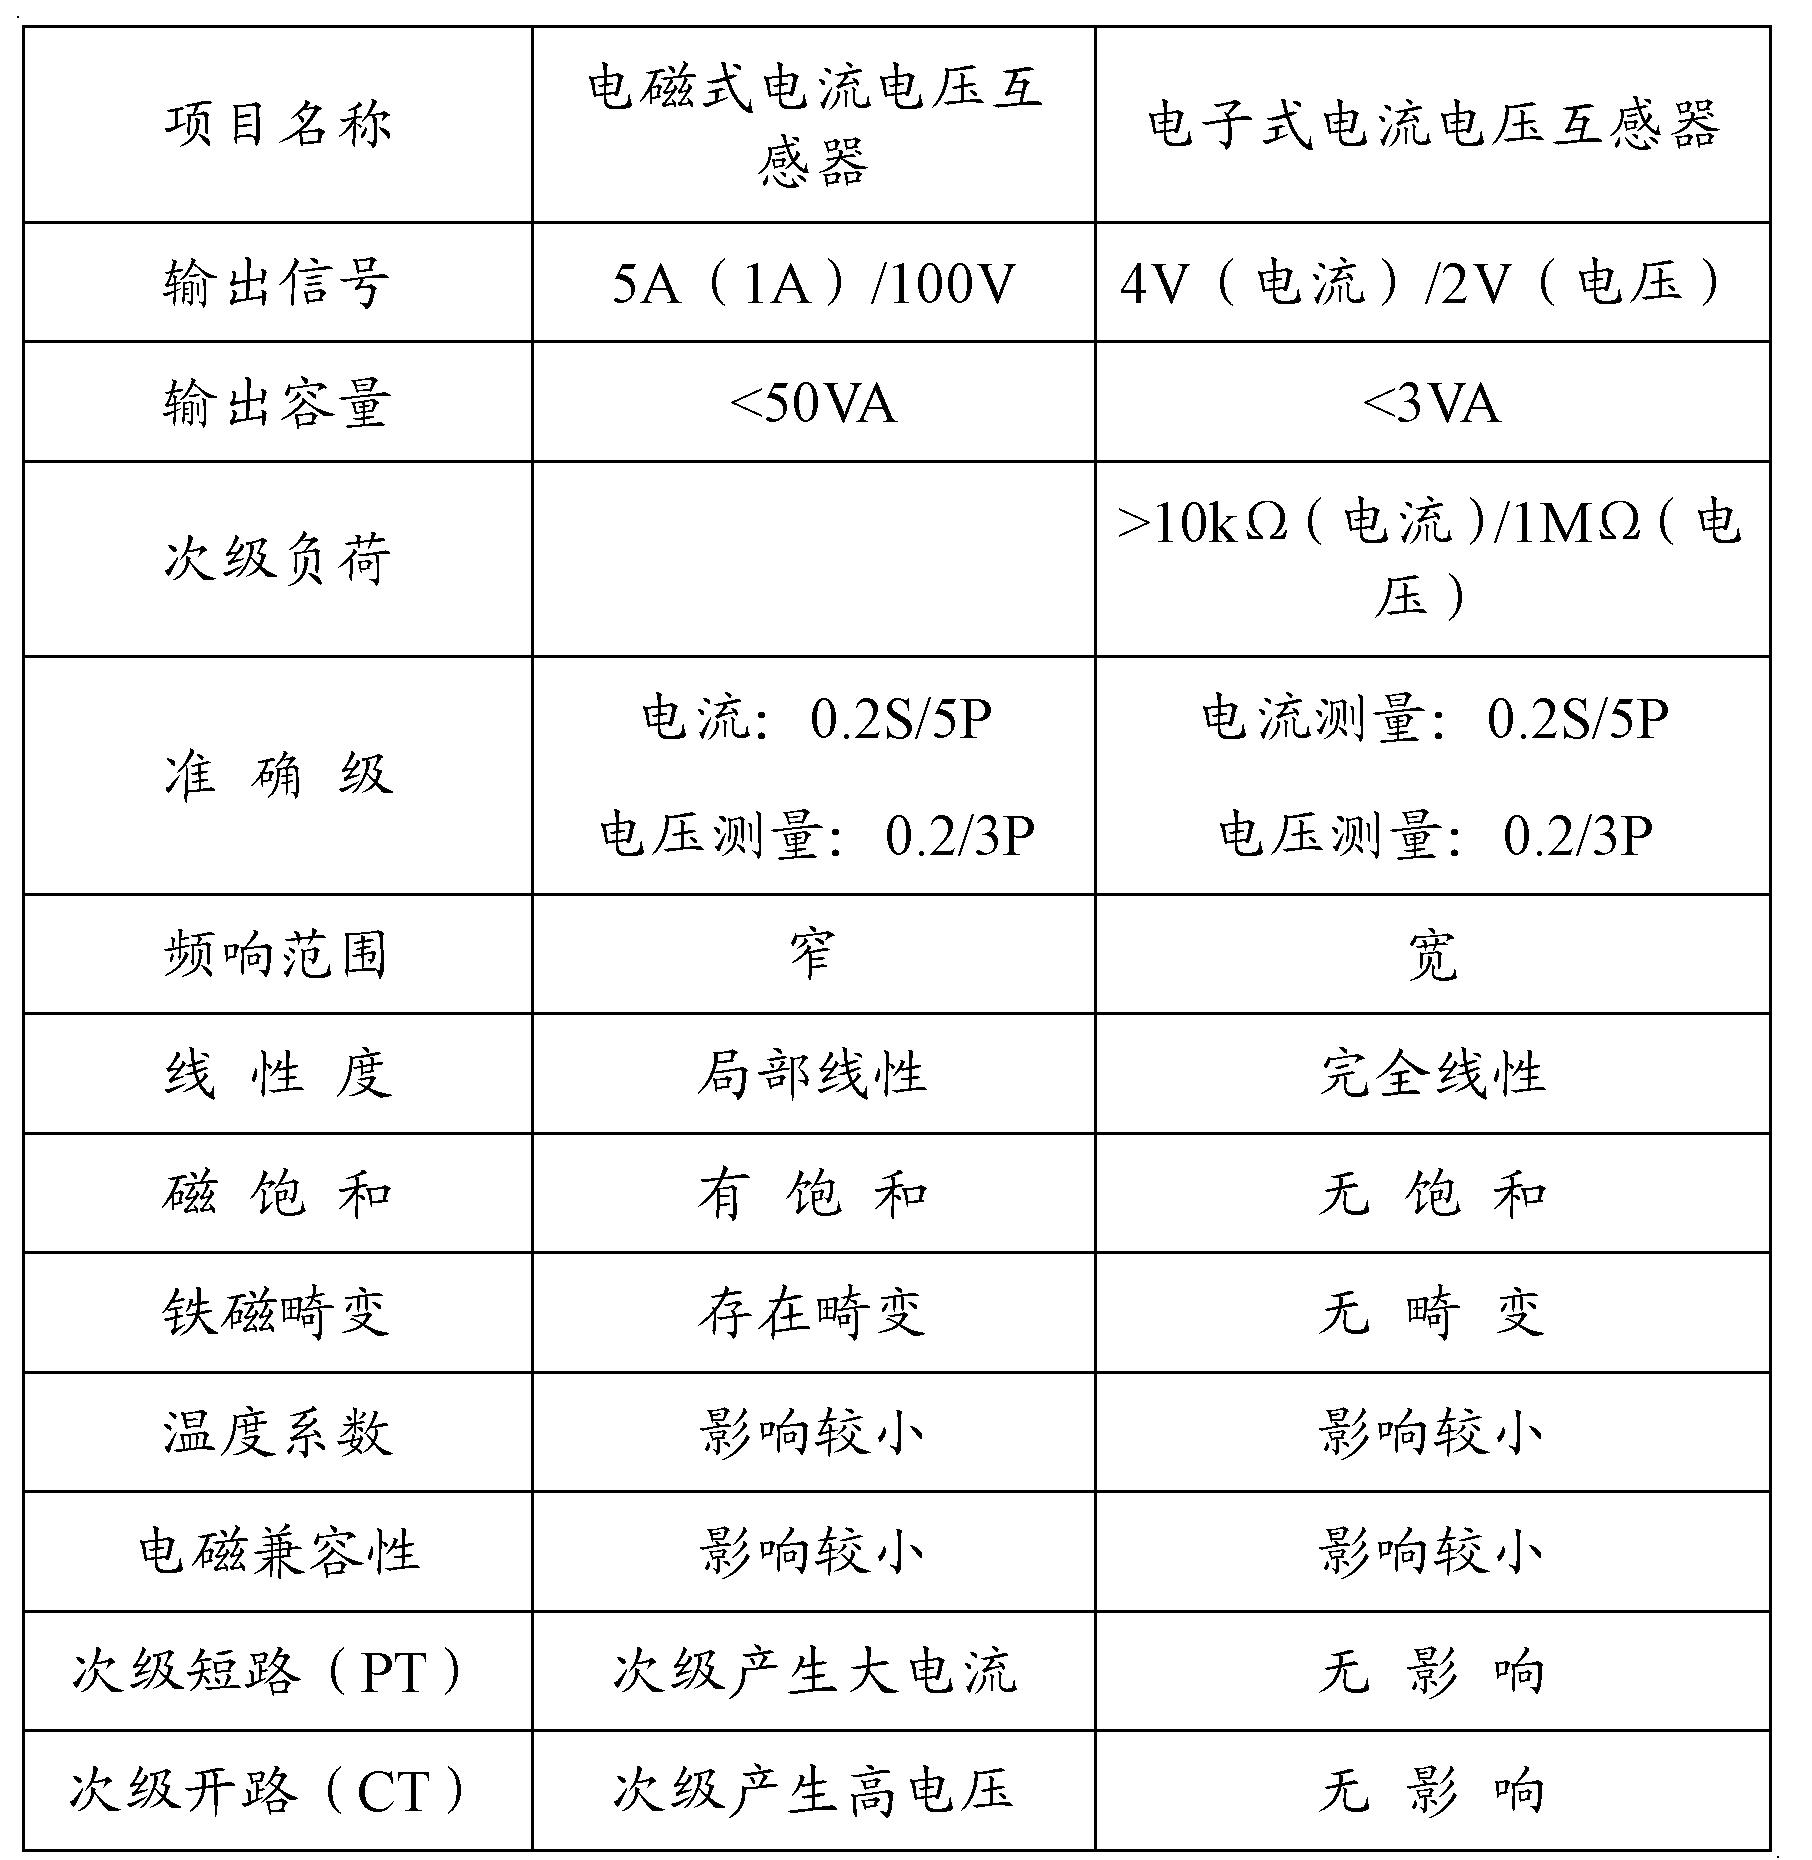 [0080] 以下表格为传统电磁式互感器与电子式电流电压互感器比较